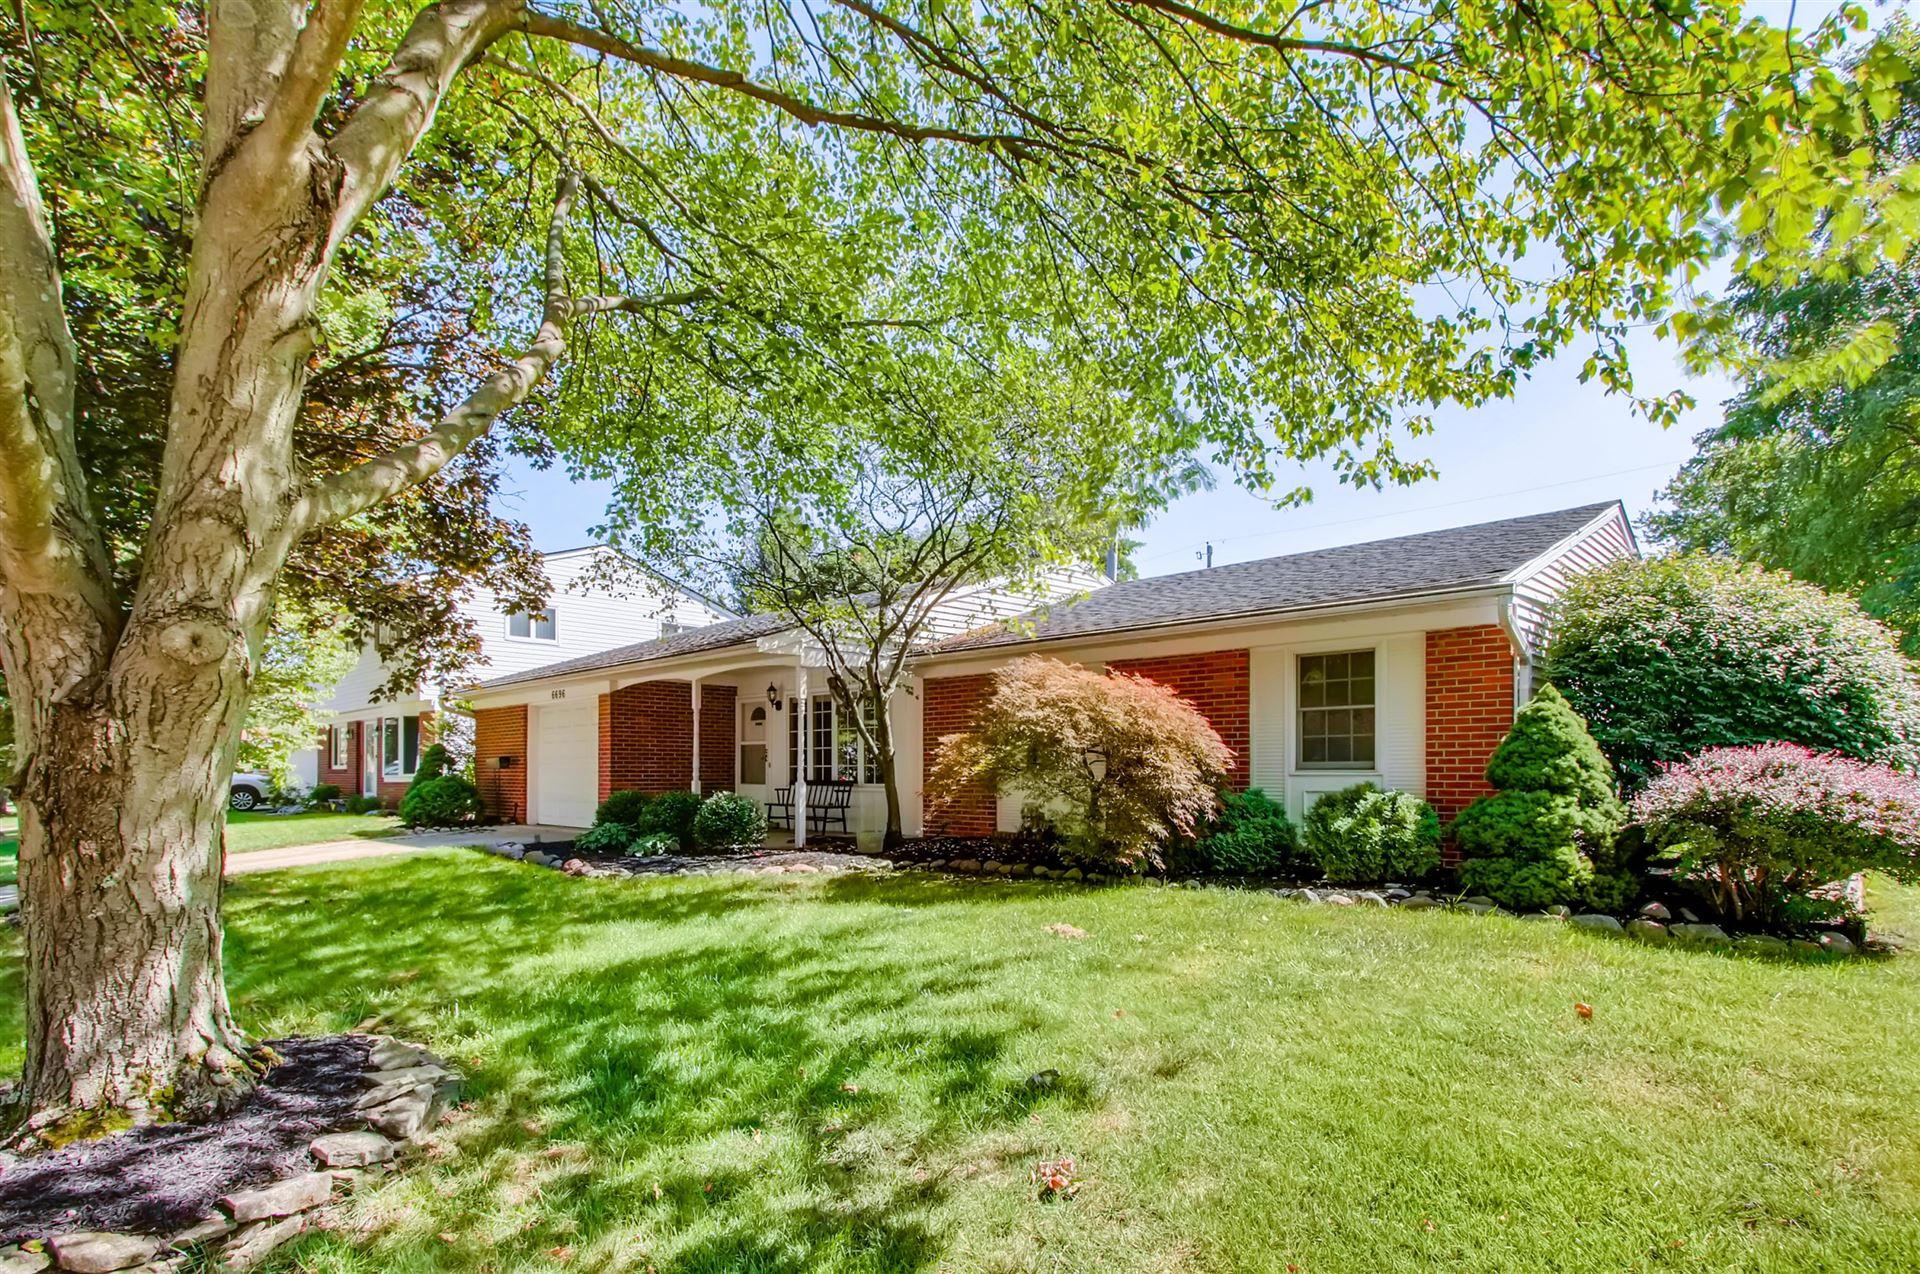 Photo of 6696 Schreiner Street W, Worthington, OH 43085 (MLS # 221030024)